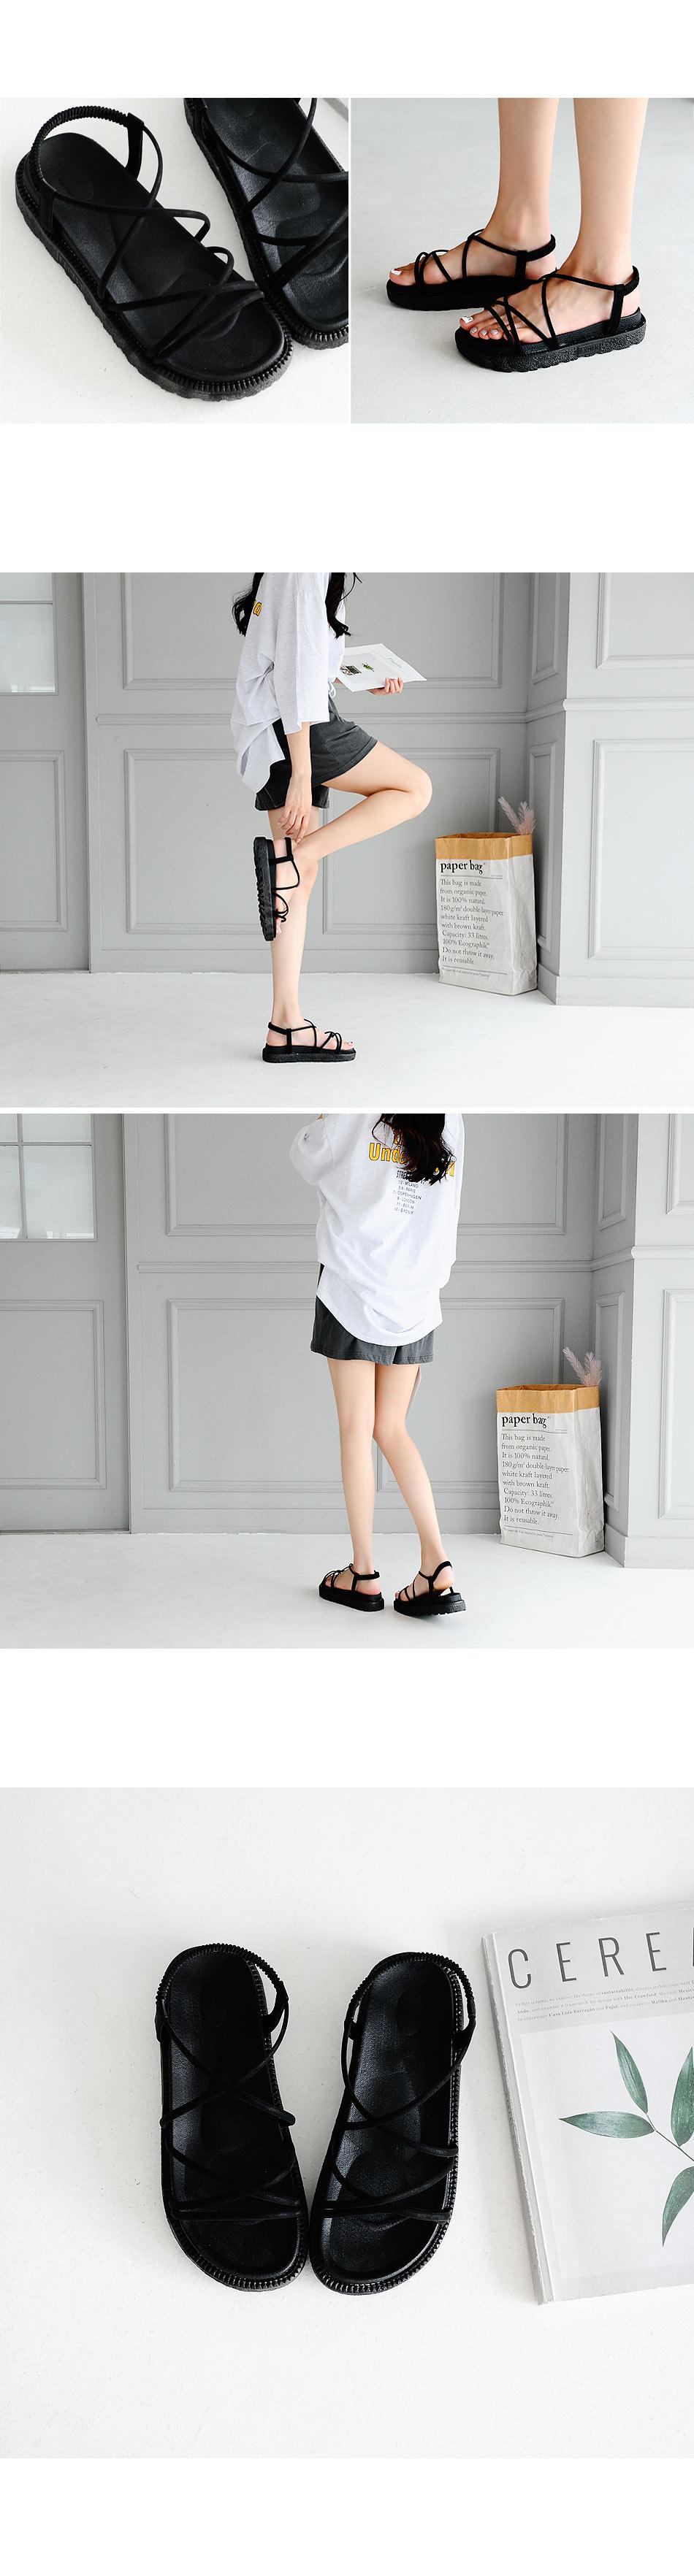 Resilian Banding Sling Back Sandals 4cm